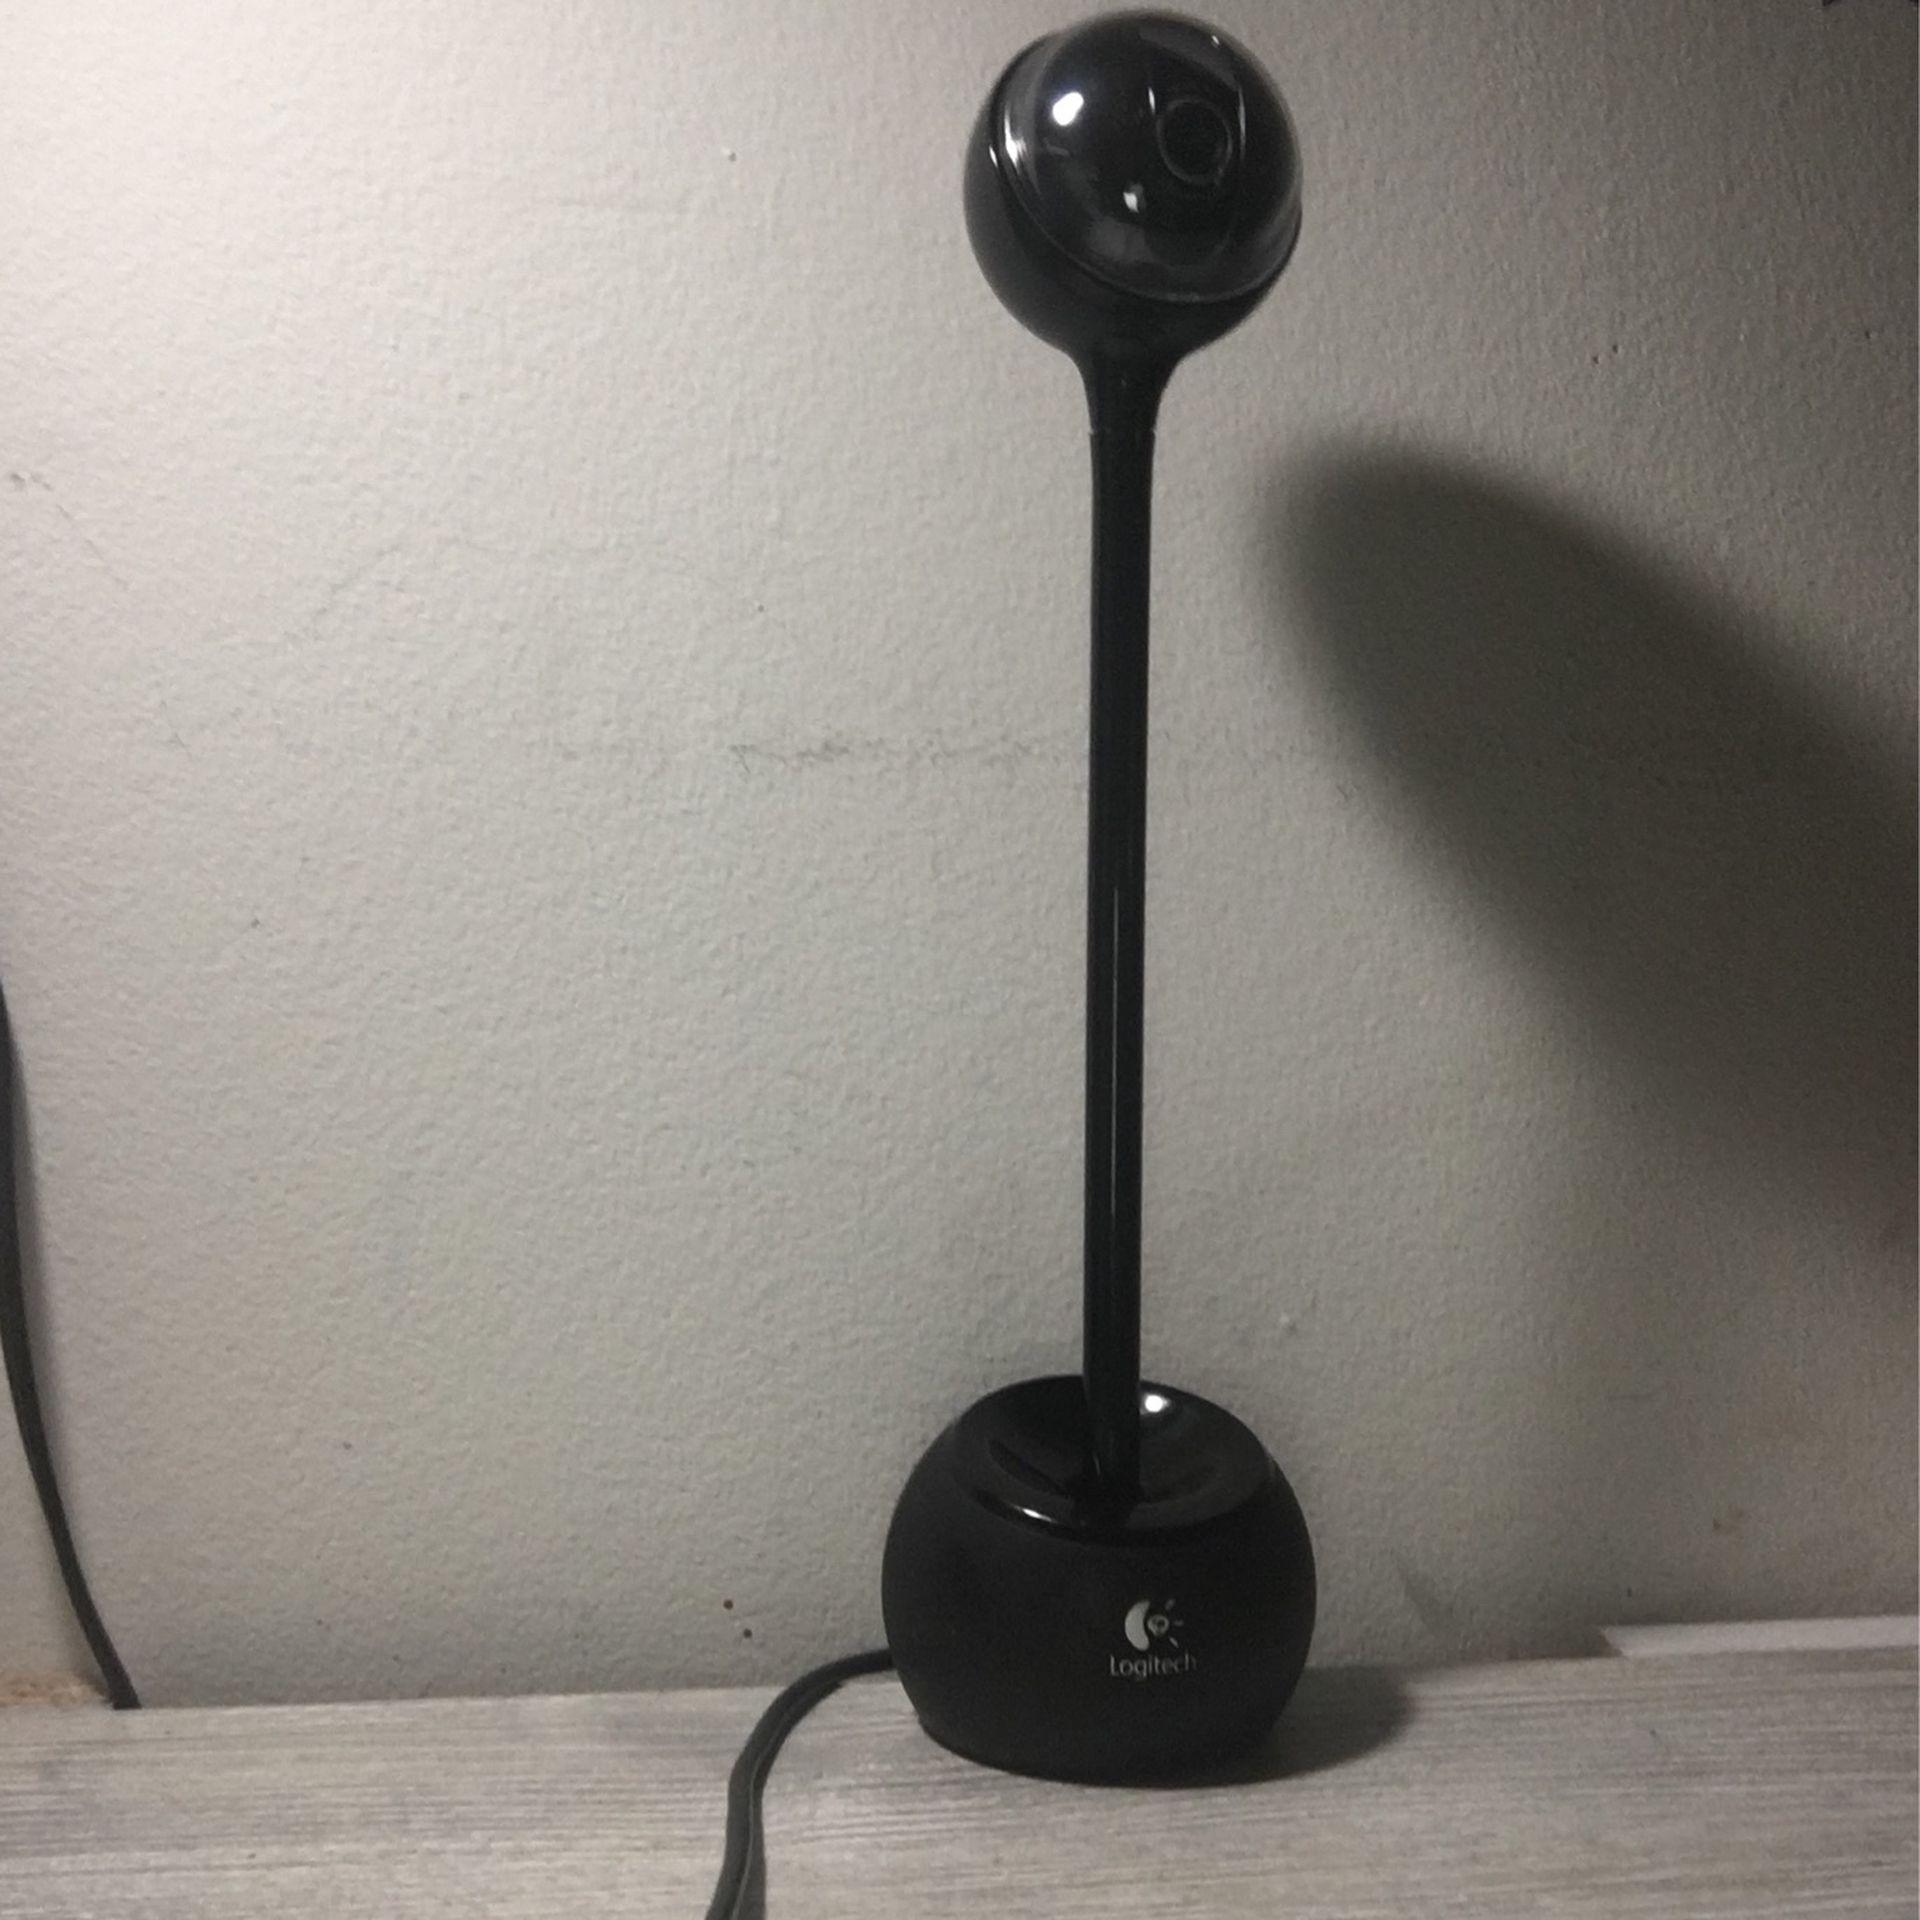 Carl Zeiss Tessar Webcam